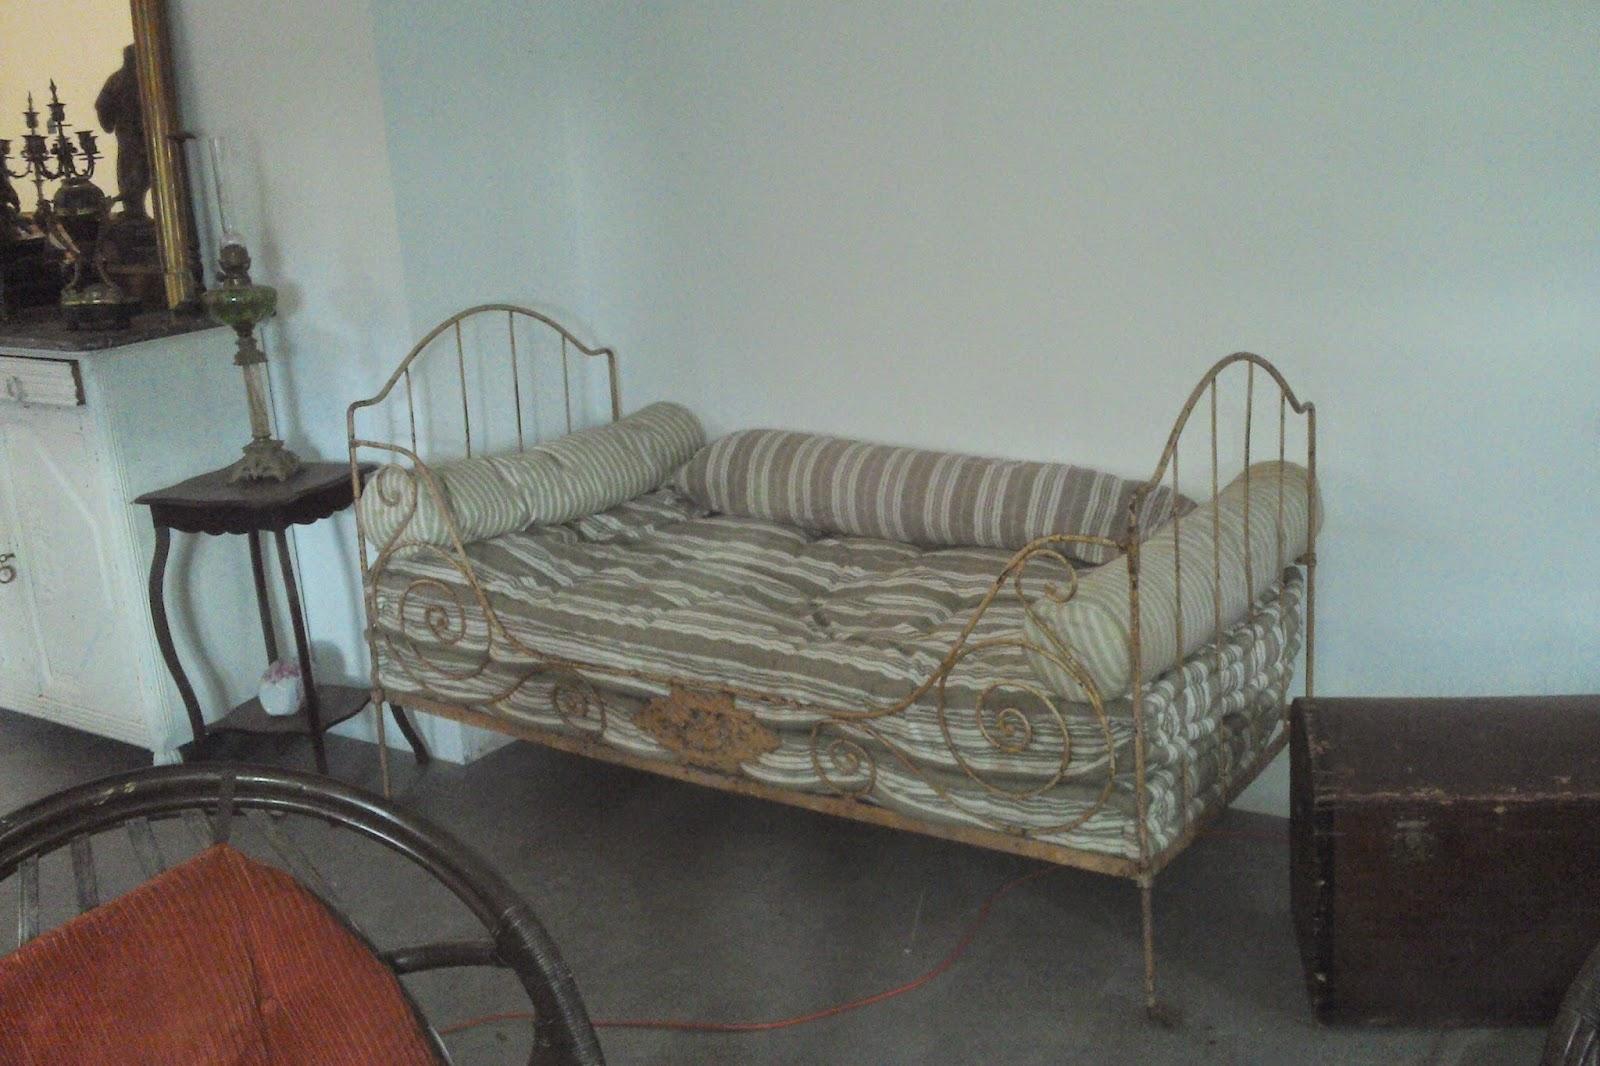 mobilier de jardin ancien fer forge. Black Bedroom Furniture Sets. Home Design Ideas